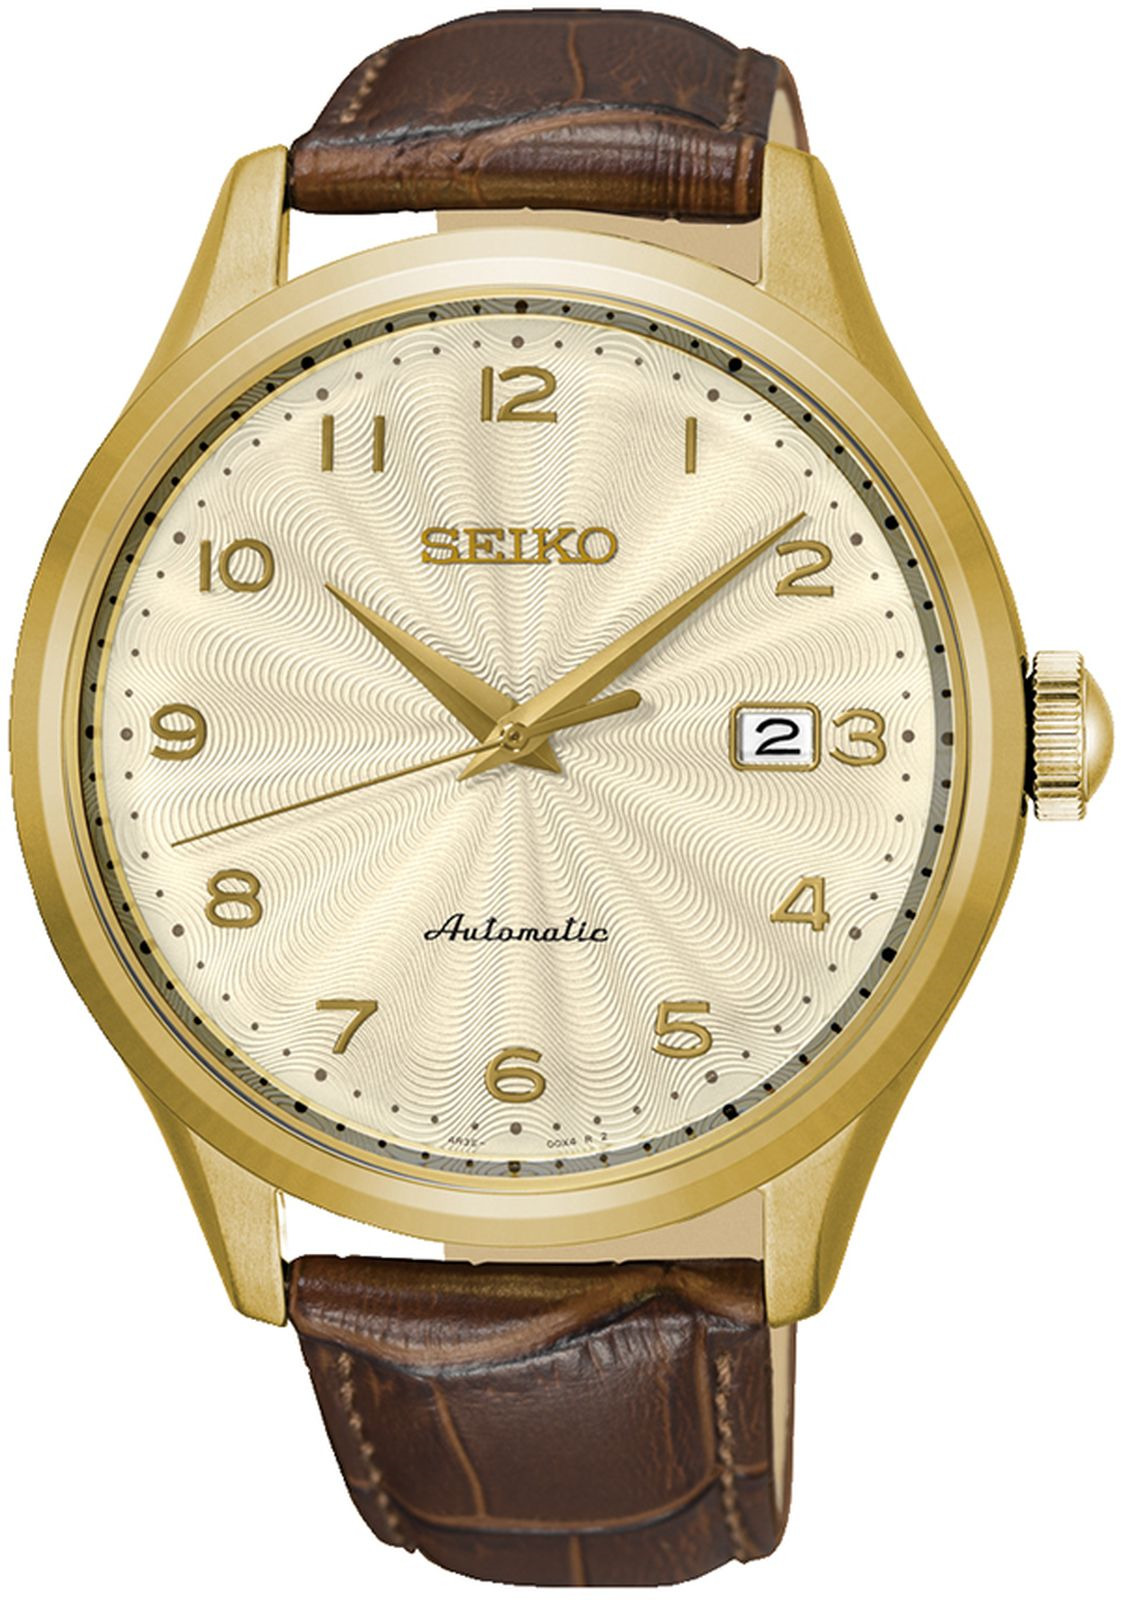 цена Наручные часы Seiko мужские, коричневый онлайн в 2017 году